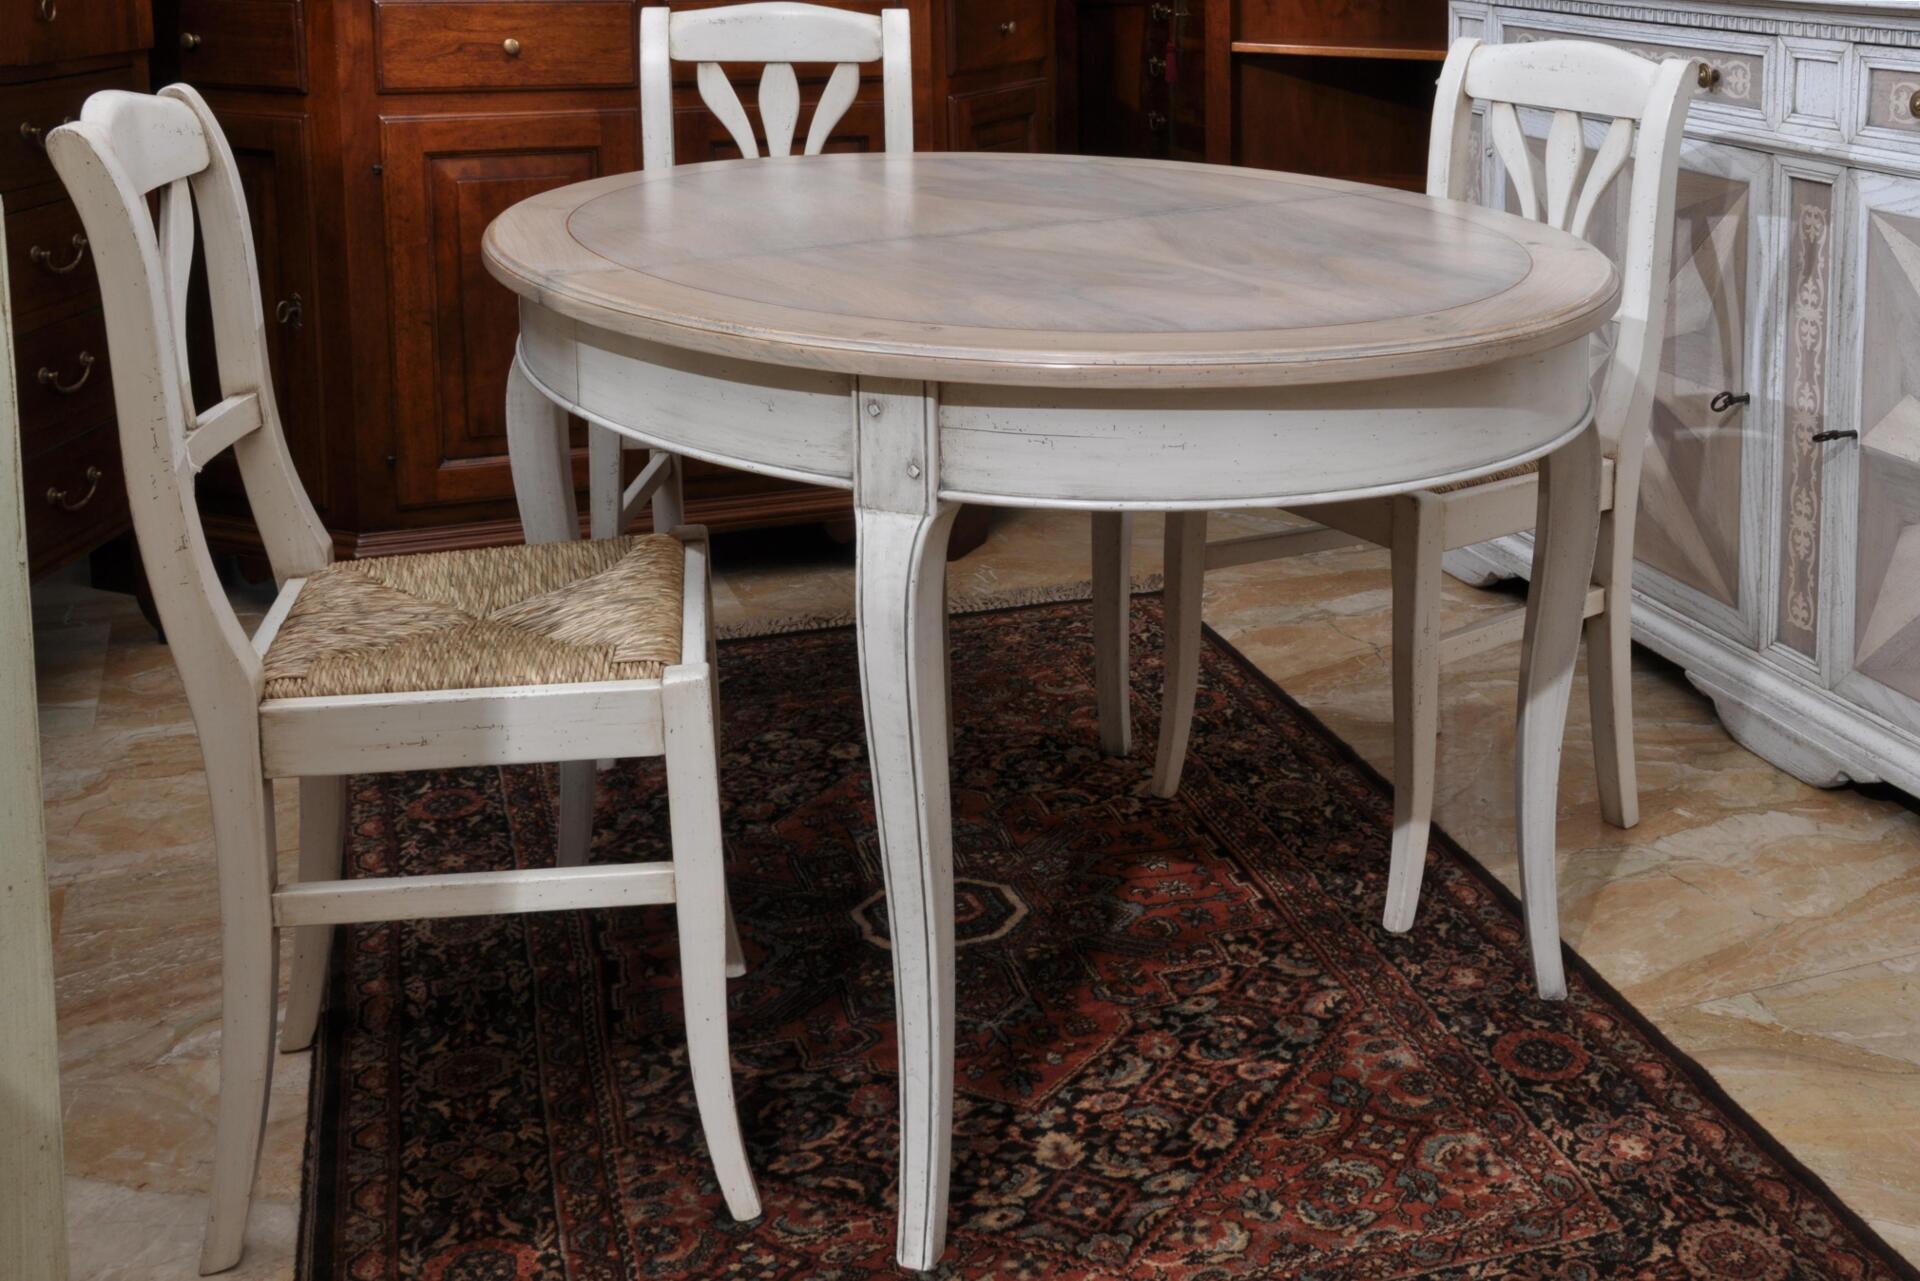 tavolo ovale estensibile di pregio costruito dal brand di lusso Vangelista mobili 1960, in stile classico Provenzale lucidato bicolore prodotto su misura